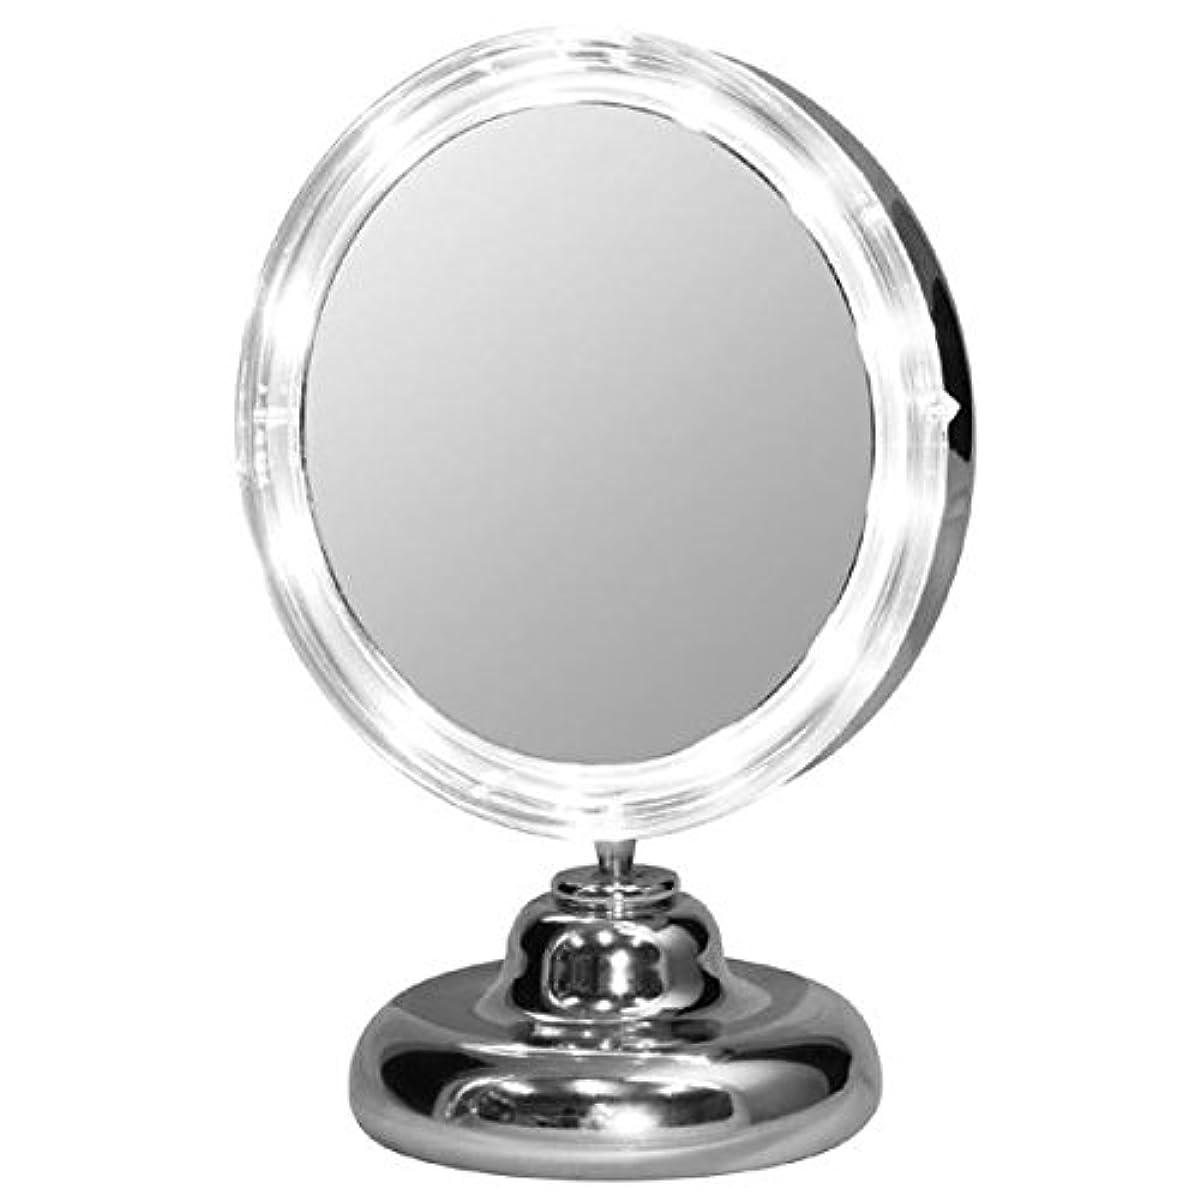 探偵フォアマン昇る真実の鏡DX-ミニS型